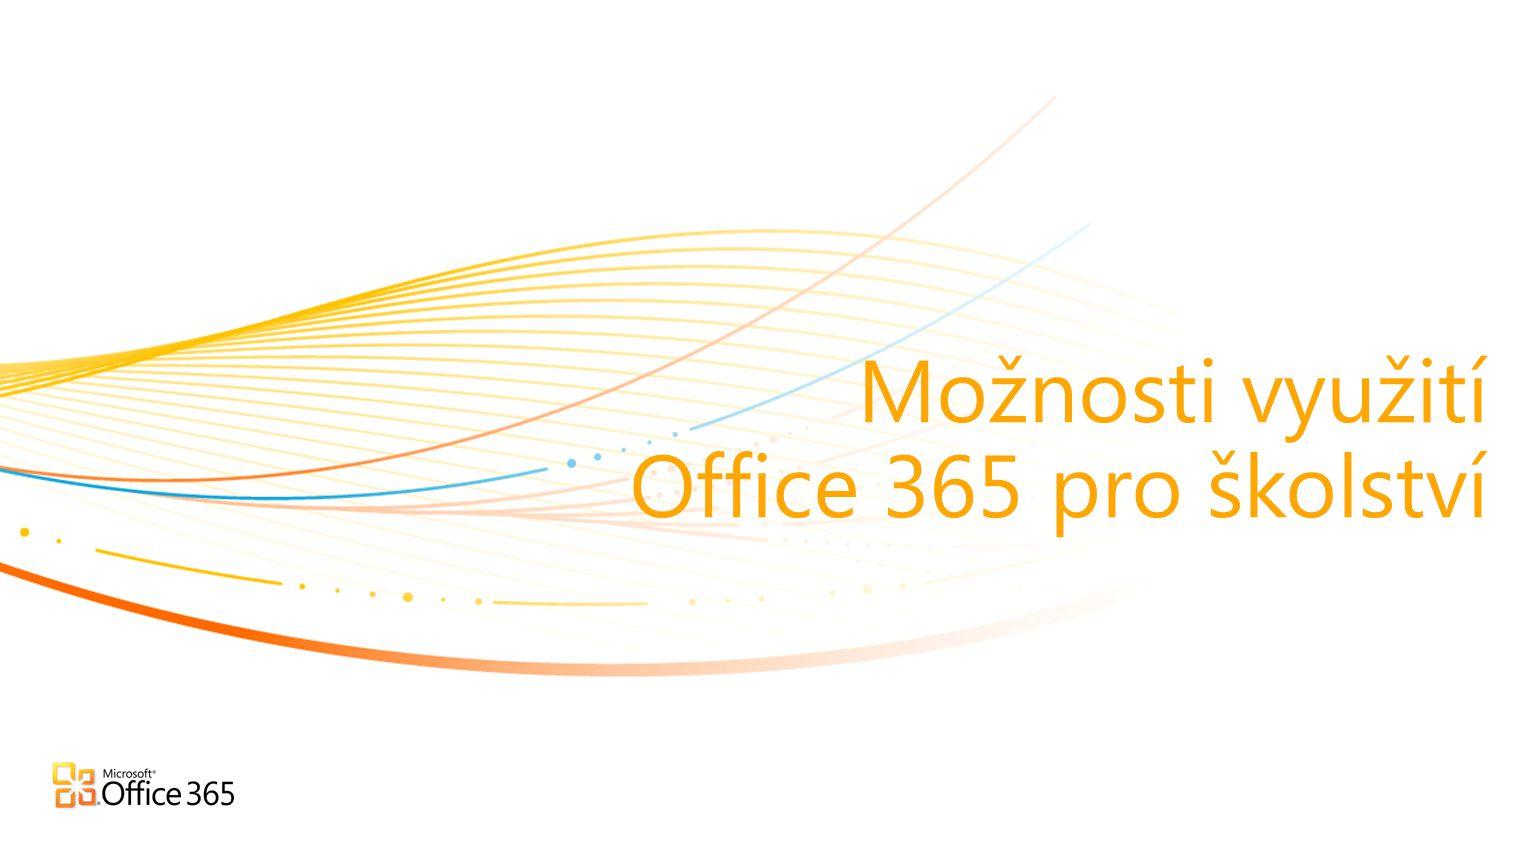 Možnosti využití Office 365 pro školství